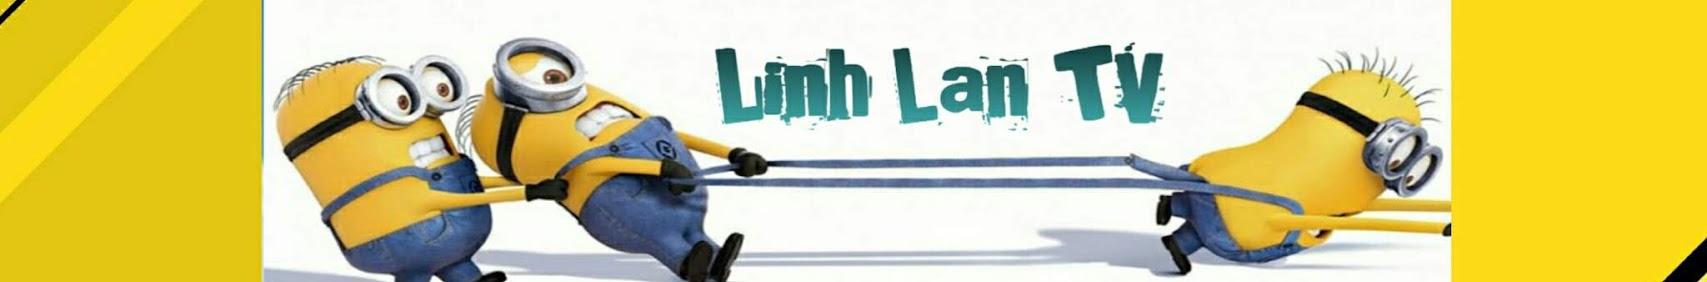 LINH LAN TV